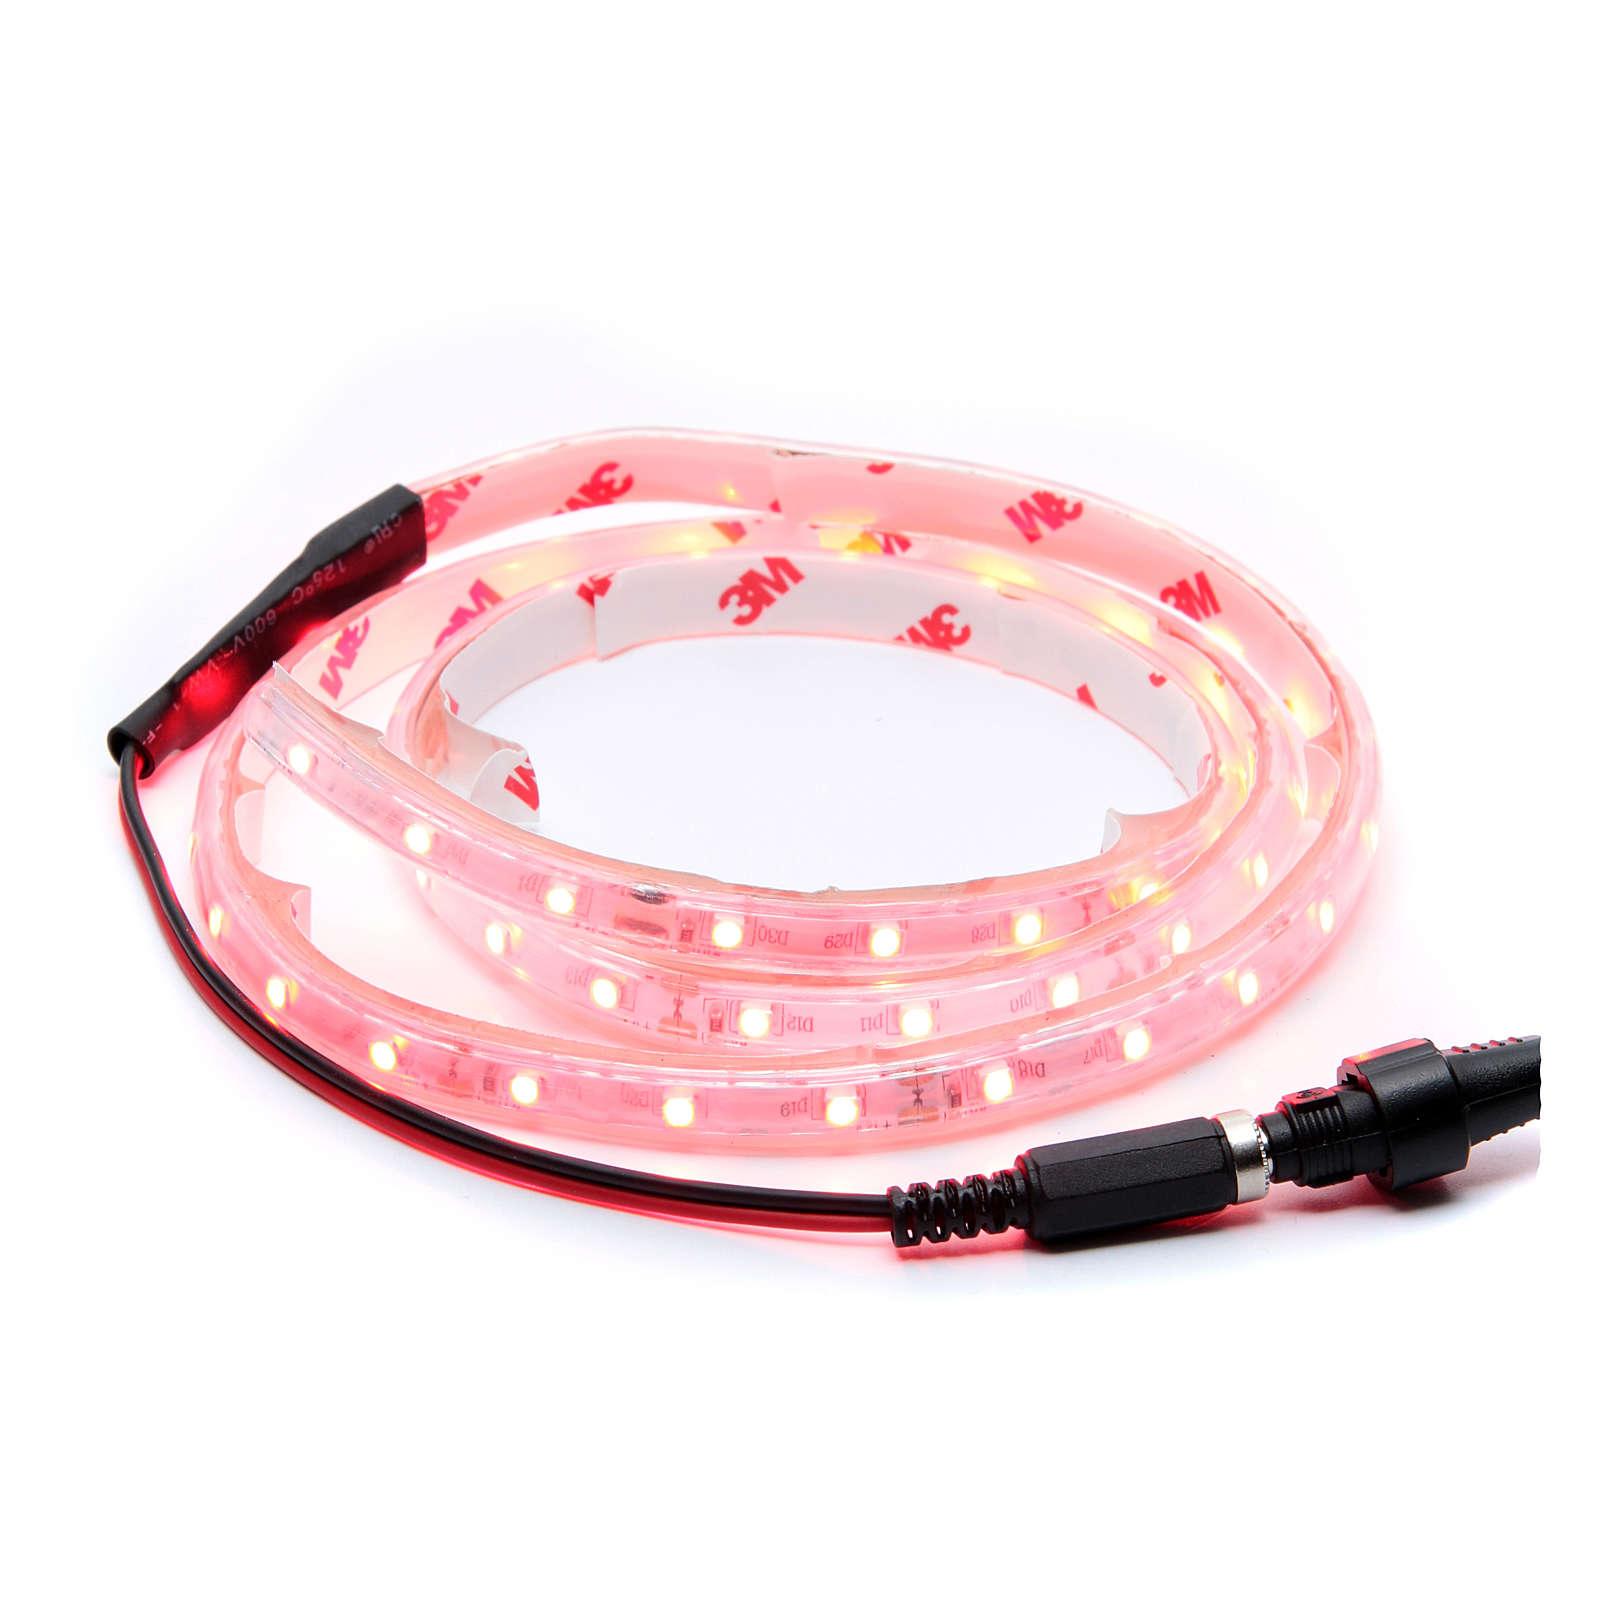 Striscia Led rosso 1 m 30 led con connettore 4